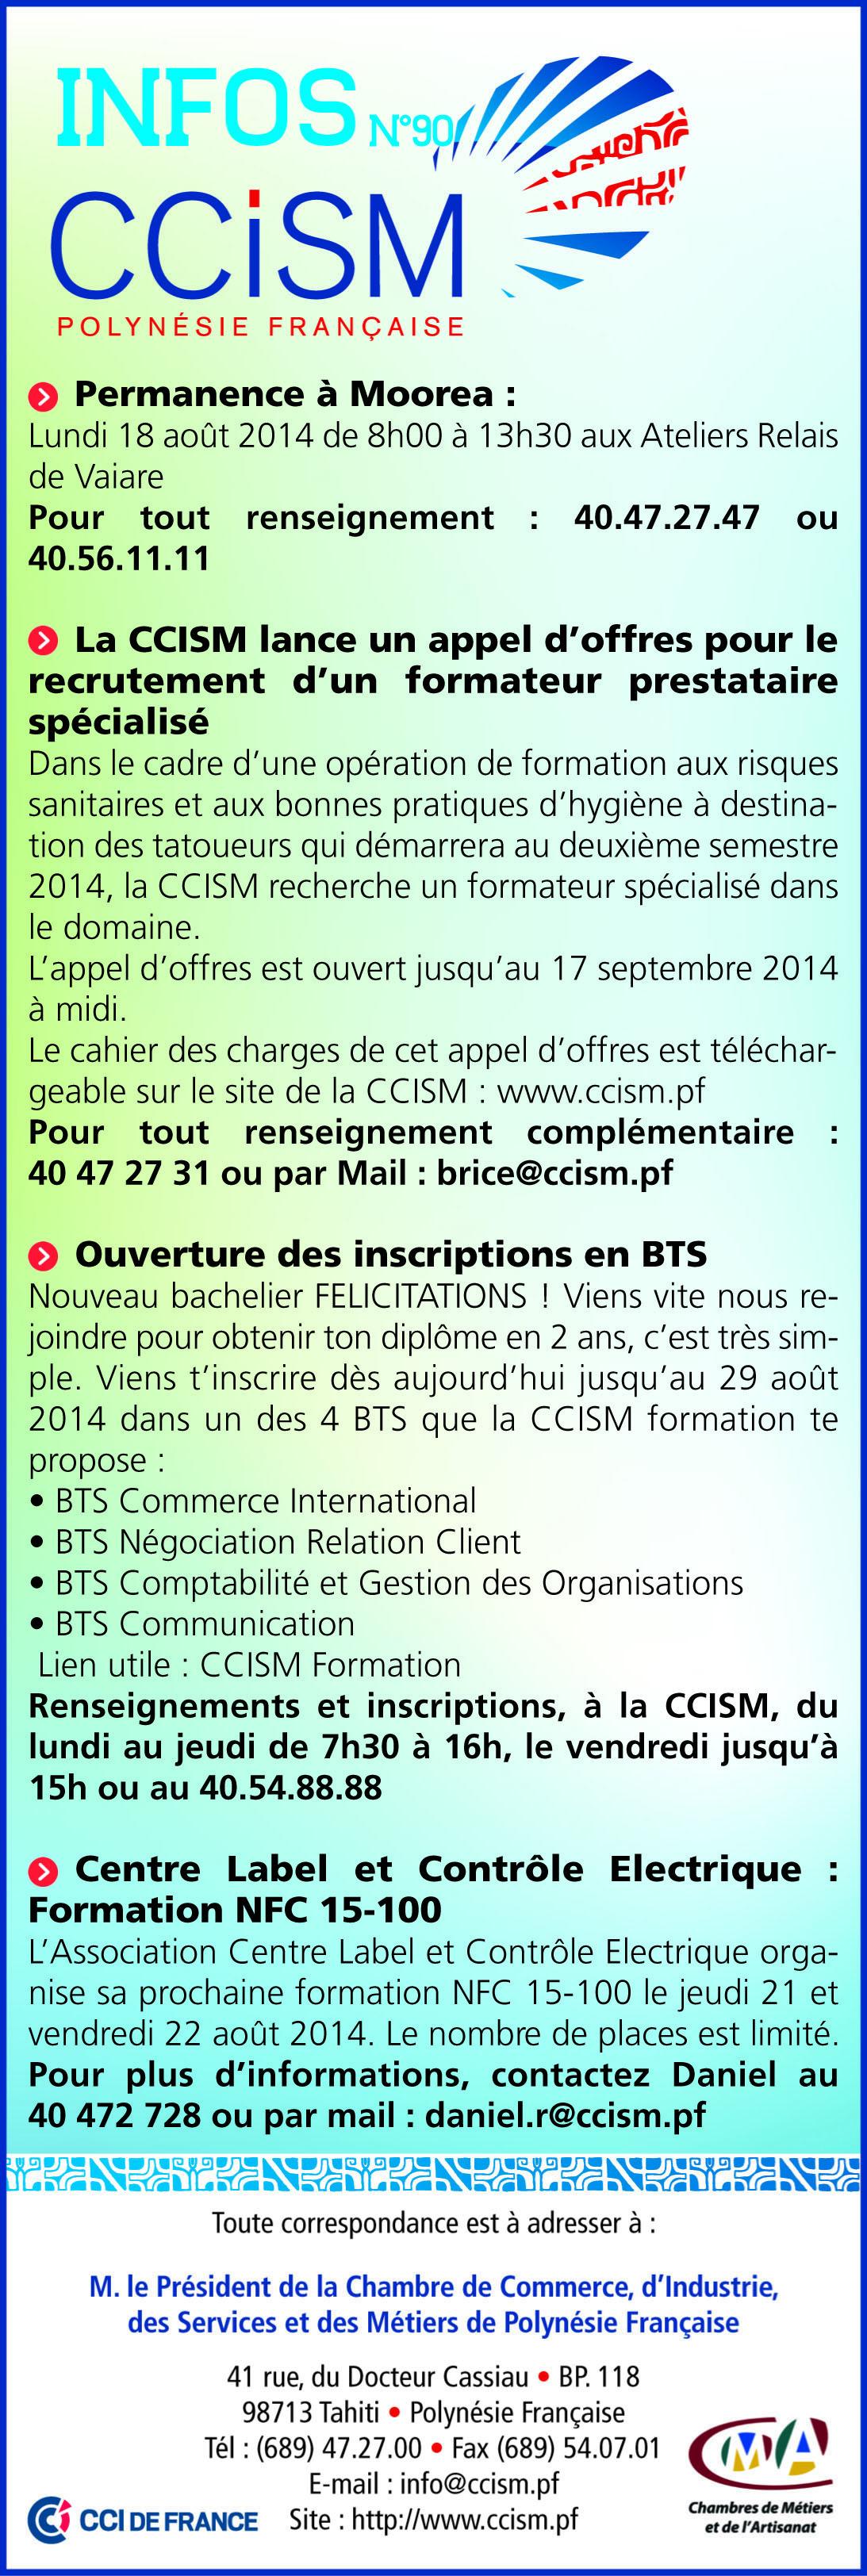 Infos CCISM N°90